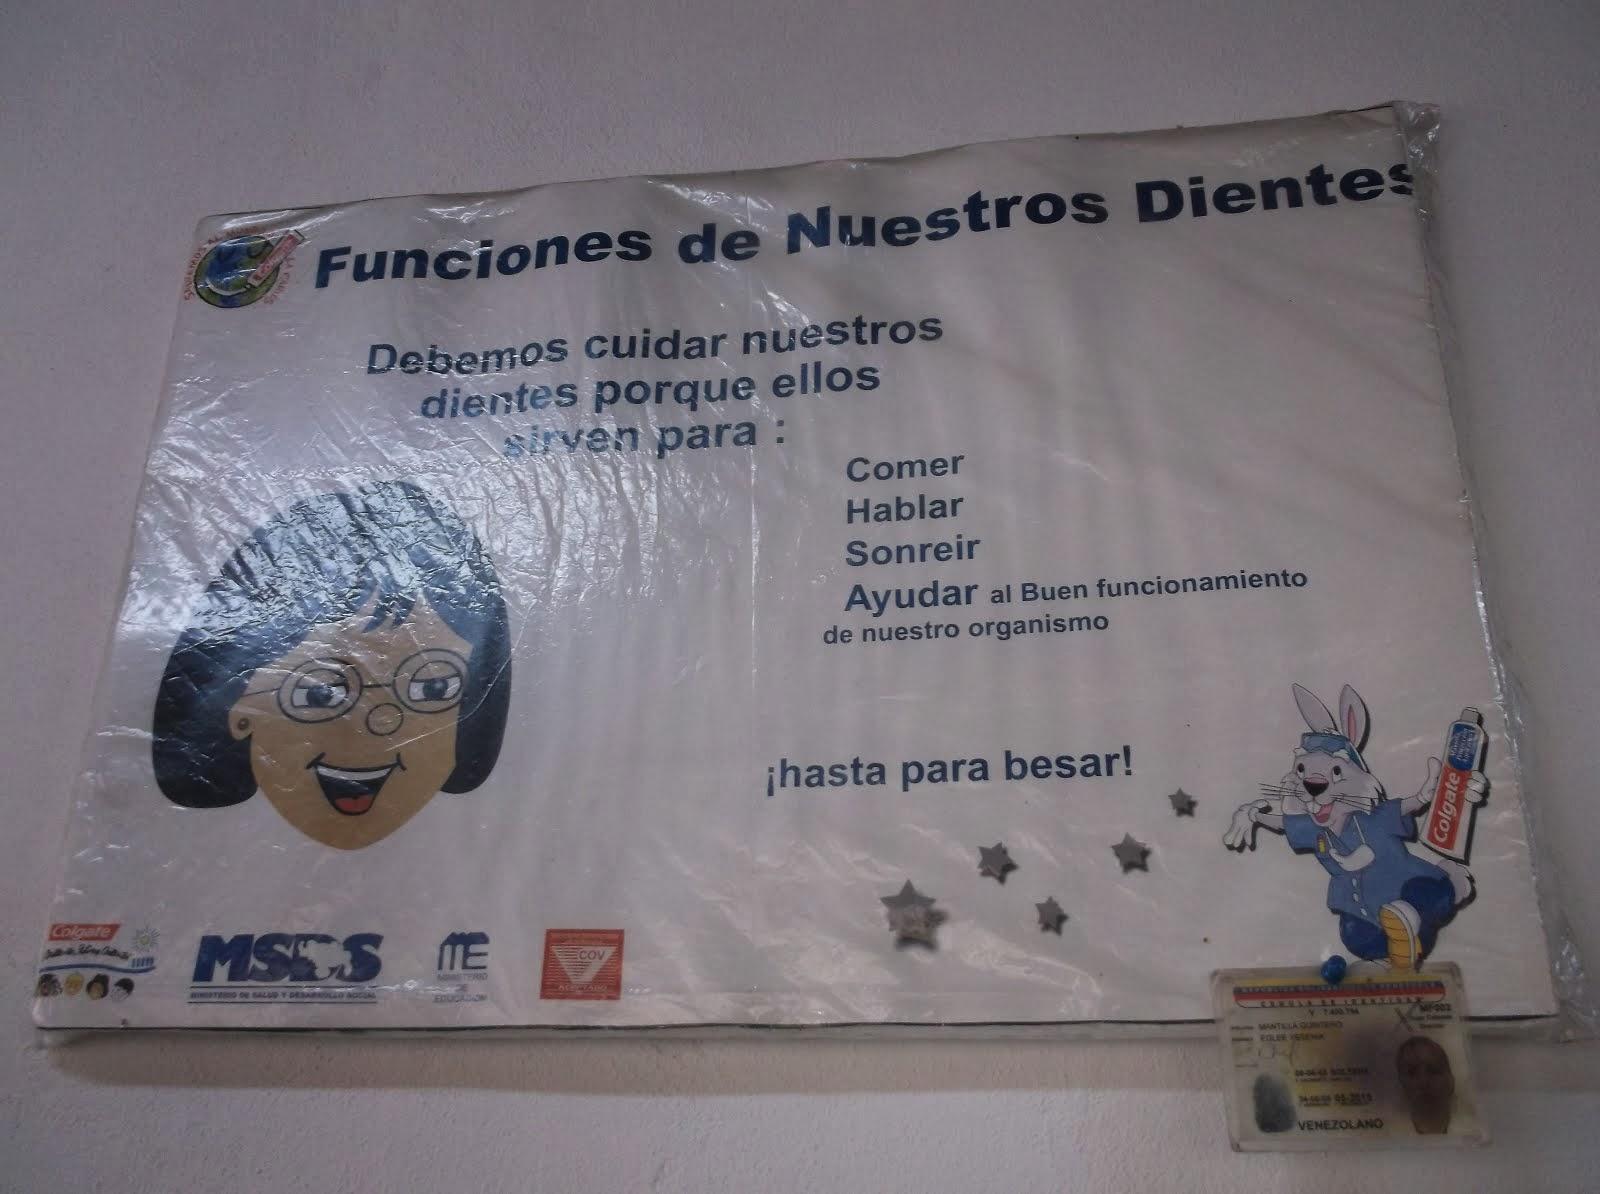 FUNCIONES DE NUESTROS DIENTES